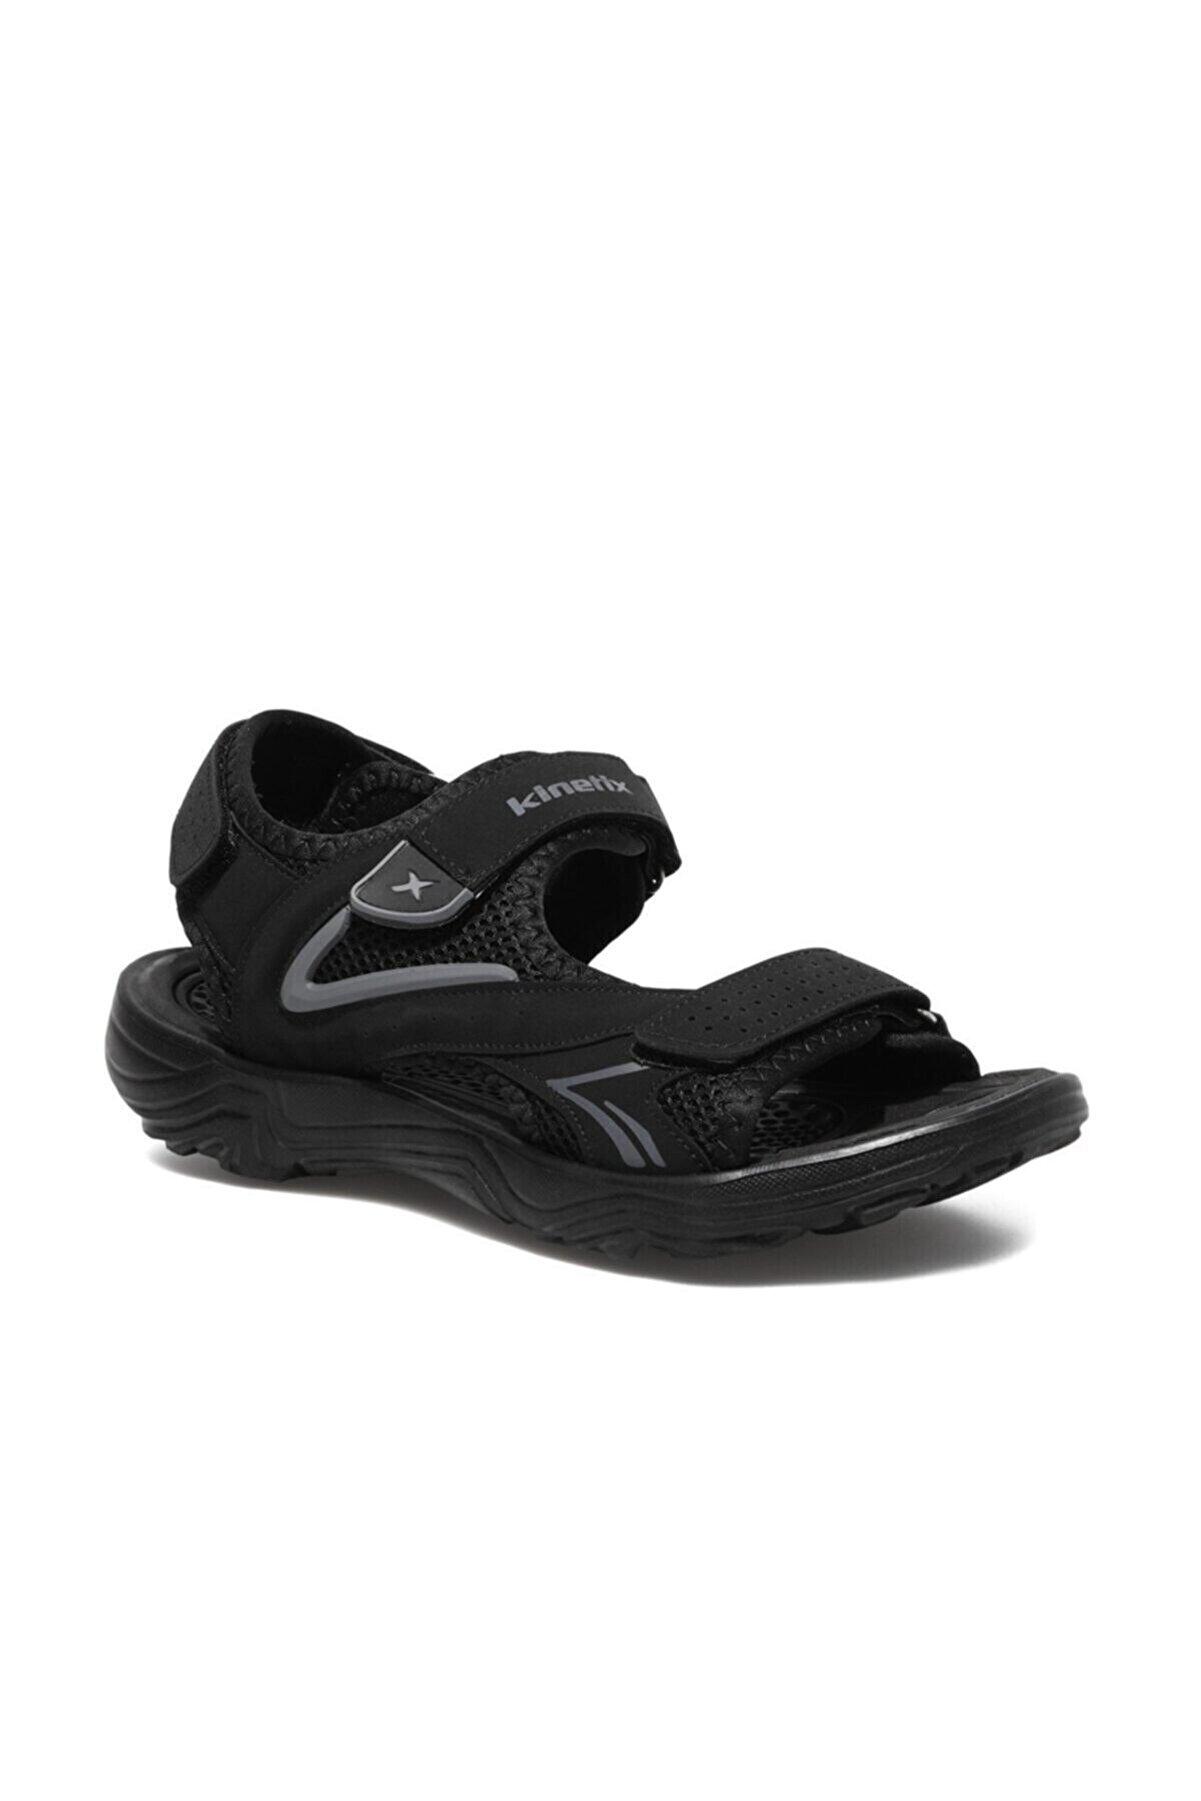 Kinetix Sancho 1fx Siyah Erkek Sandalet